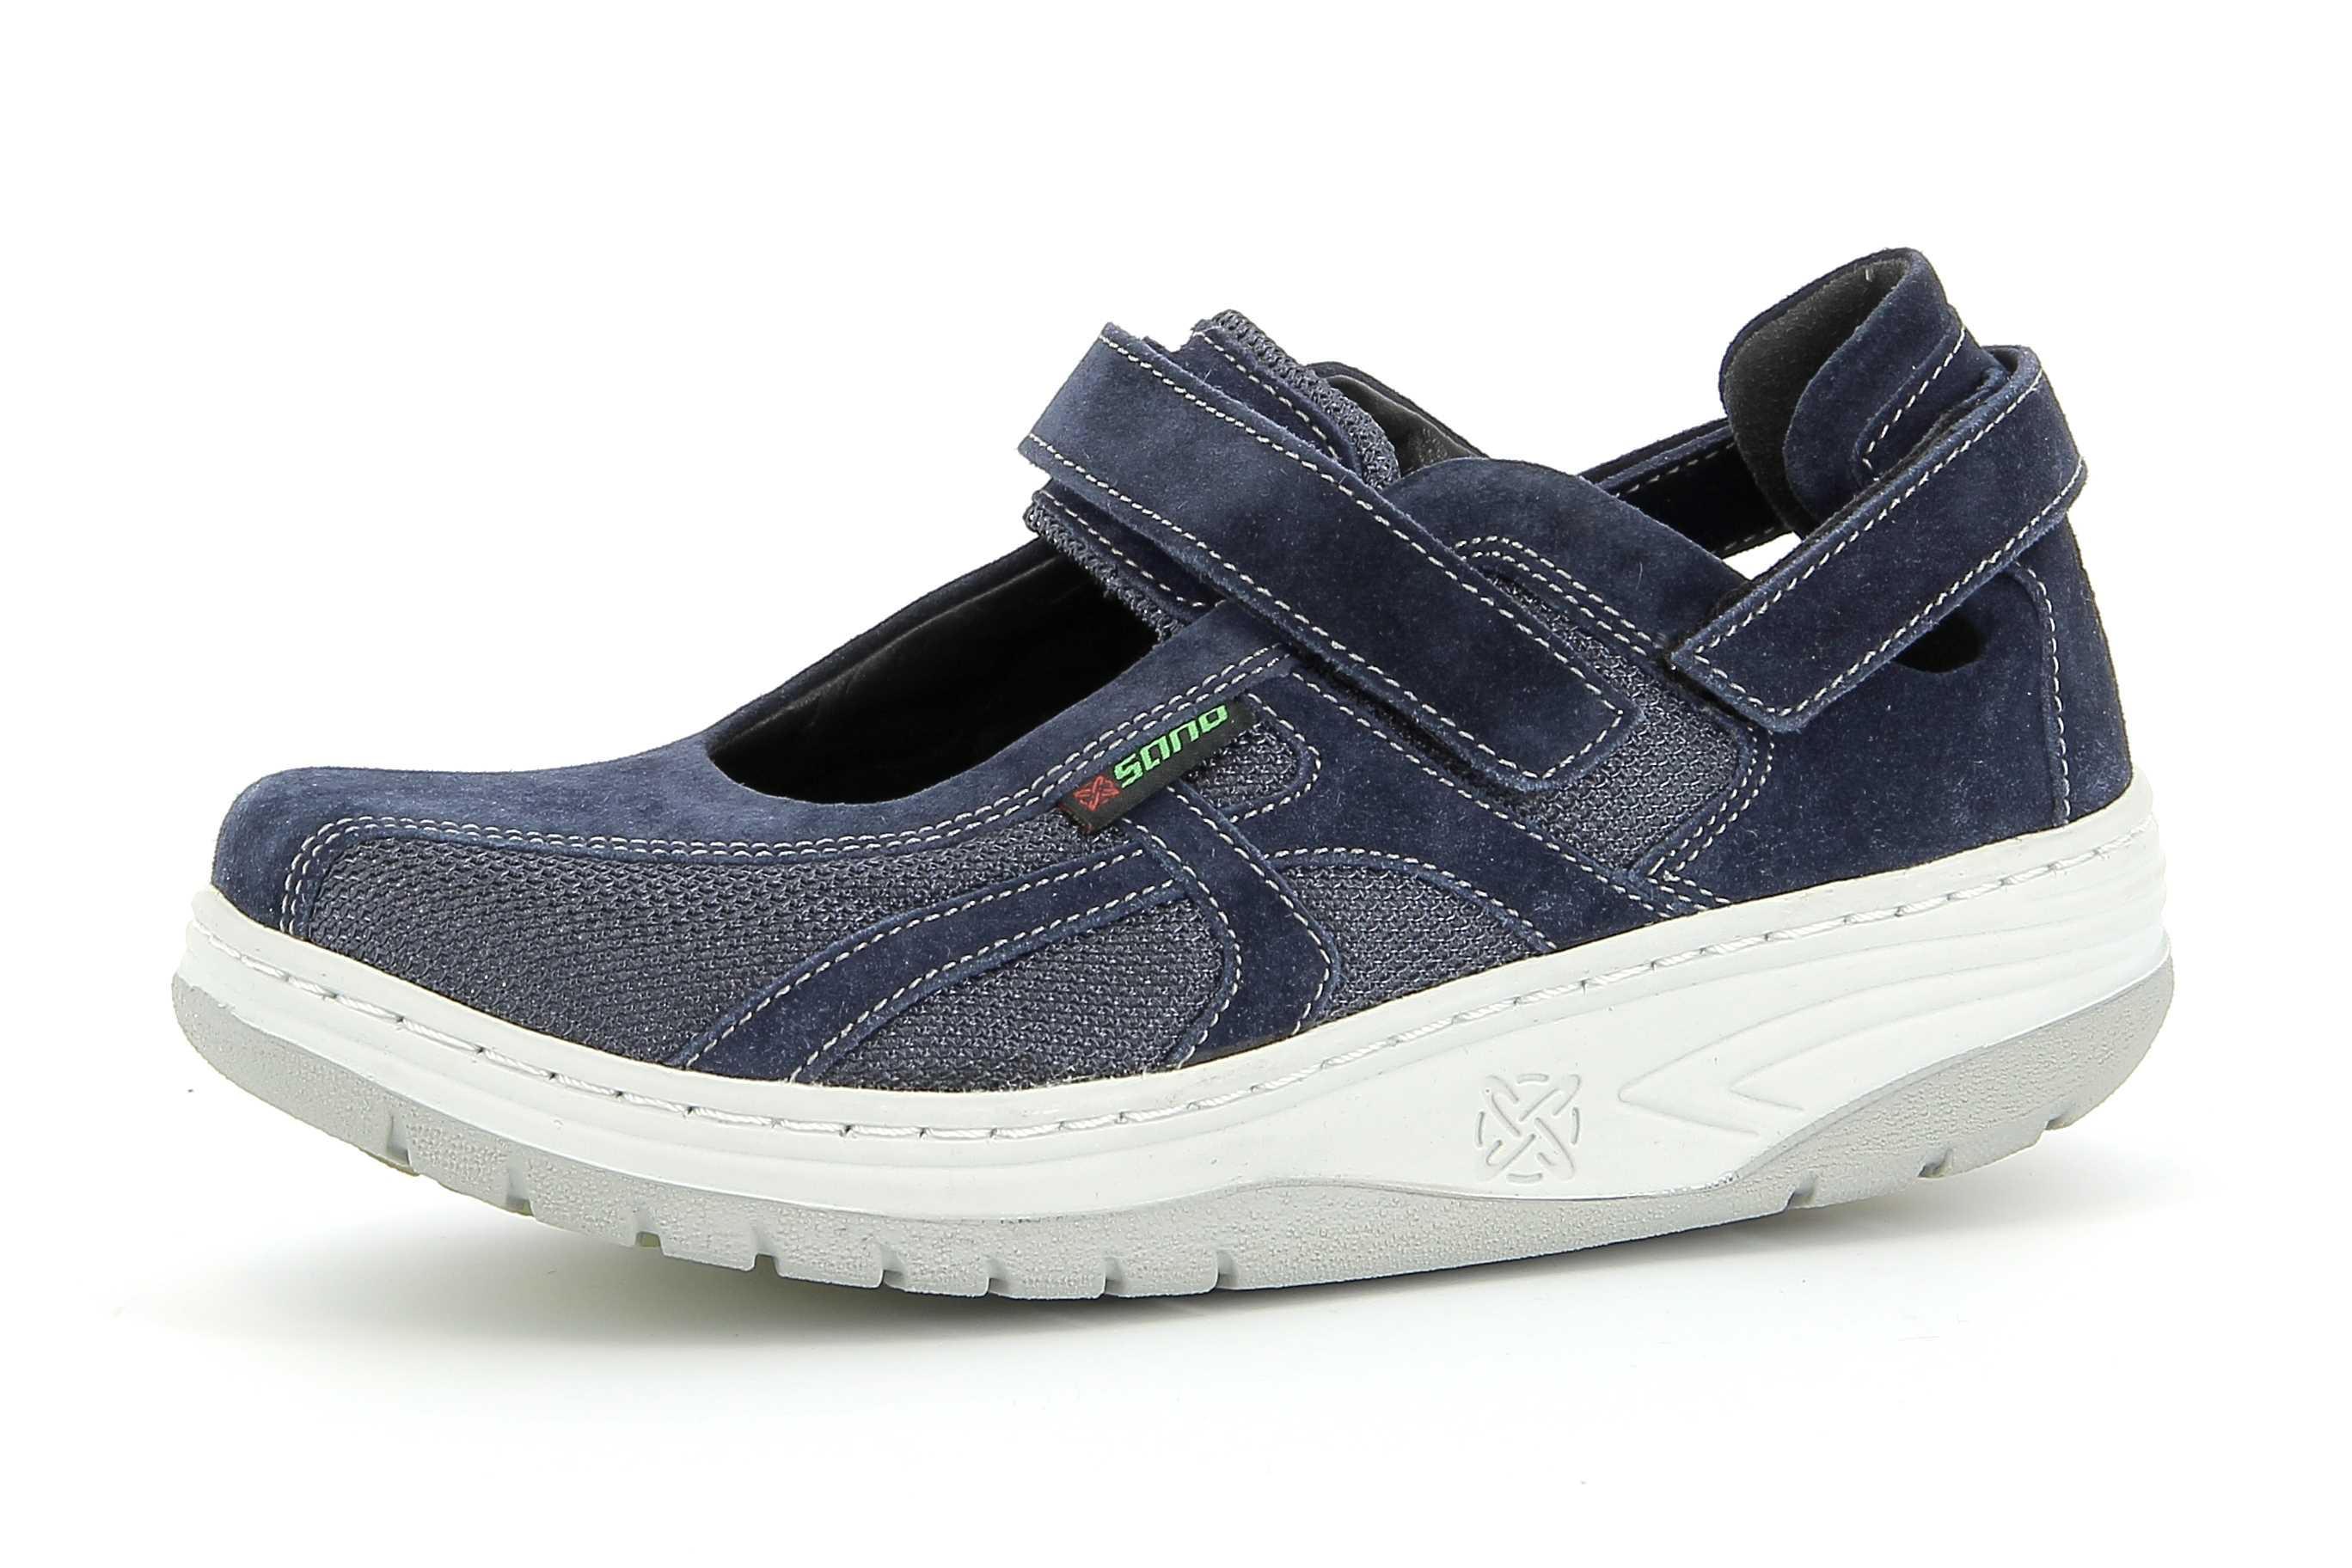 585ca6c2682fc5 Sano Mephisto chaussures confortables velcro femme - modèle EXCESS